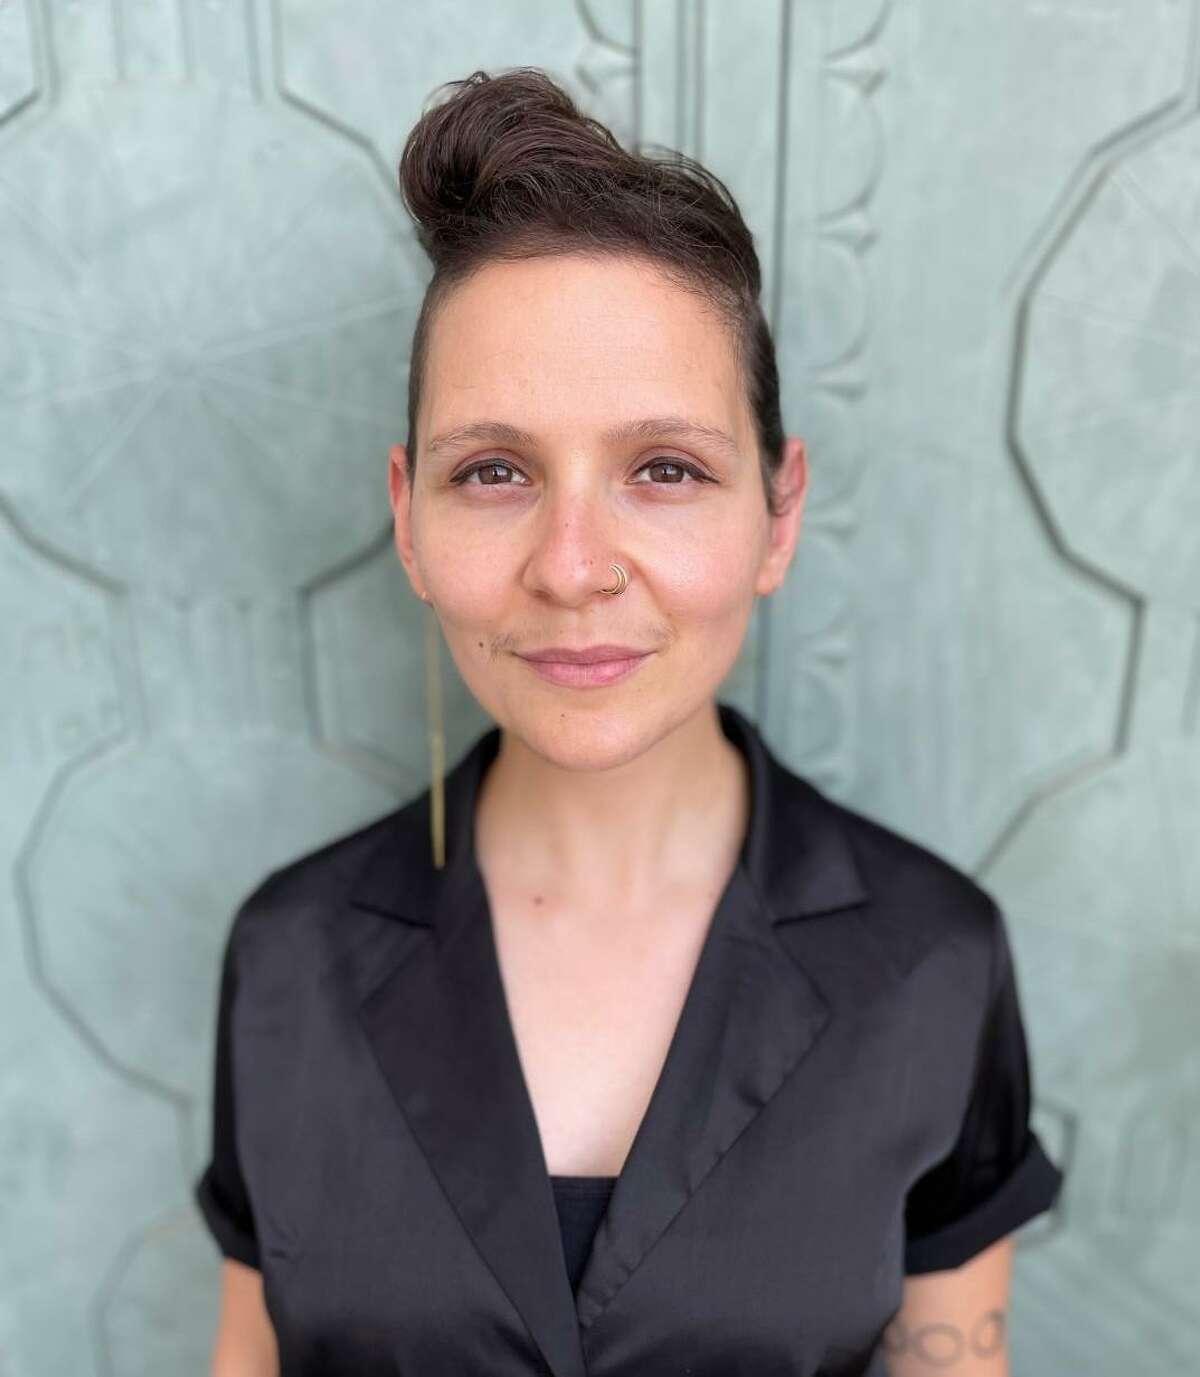 Nataliya Braginsky